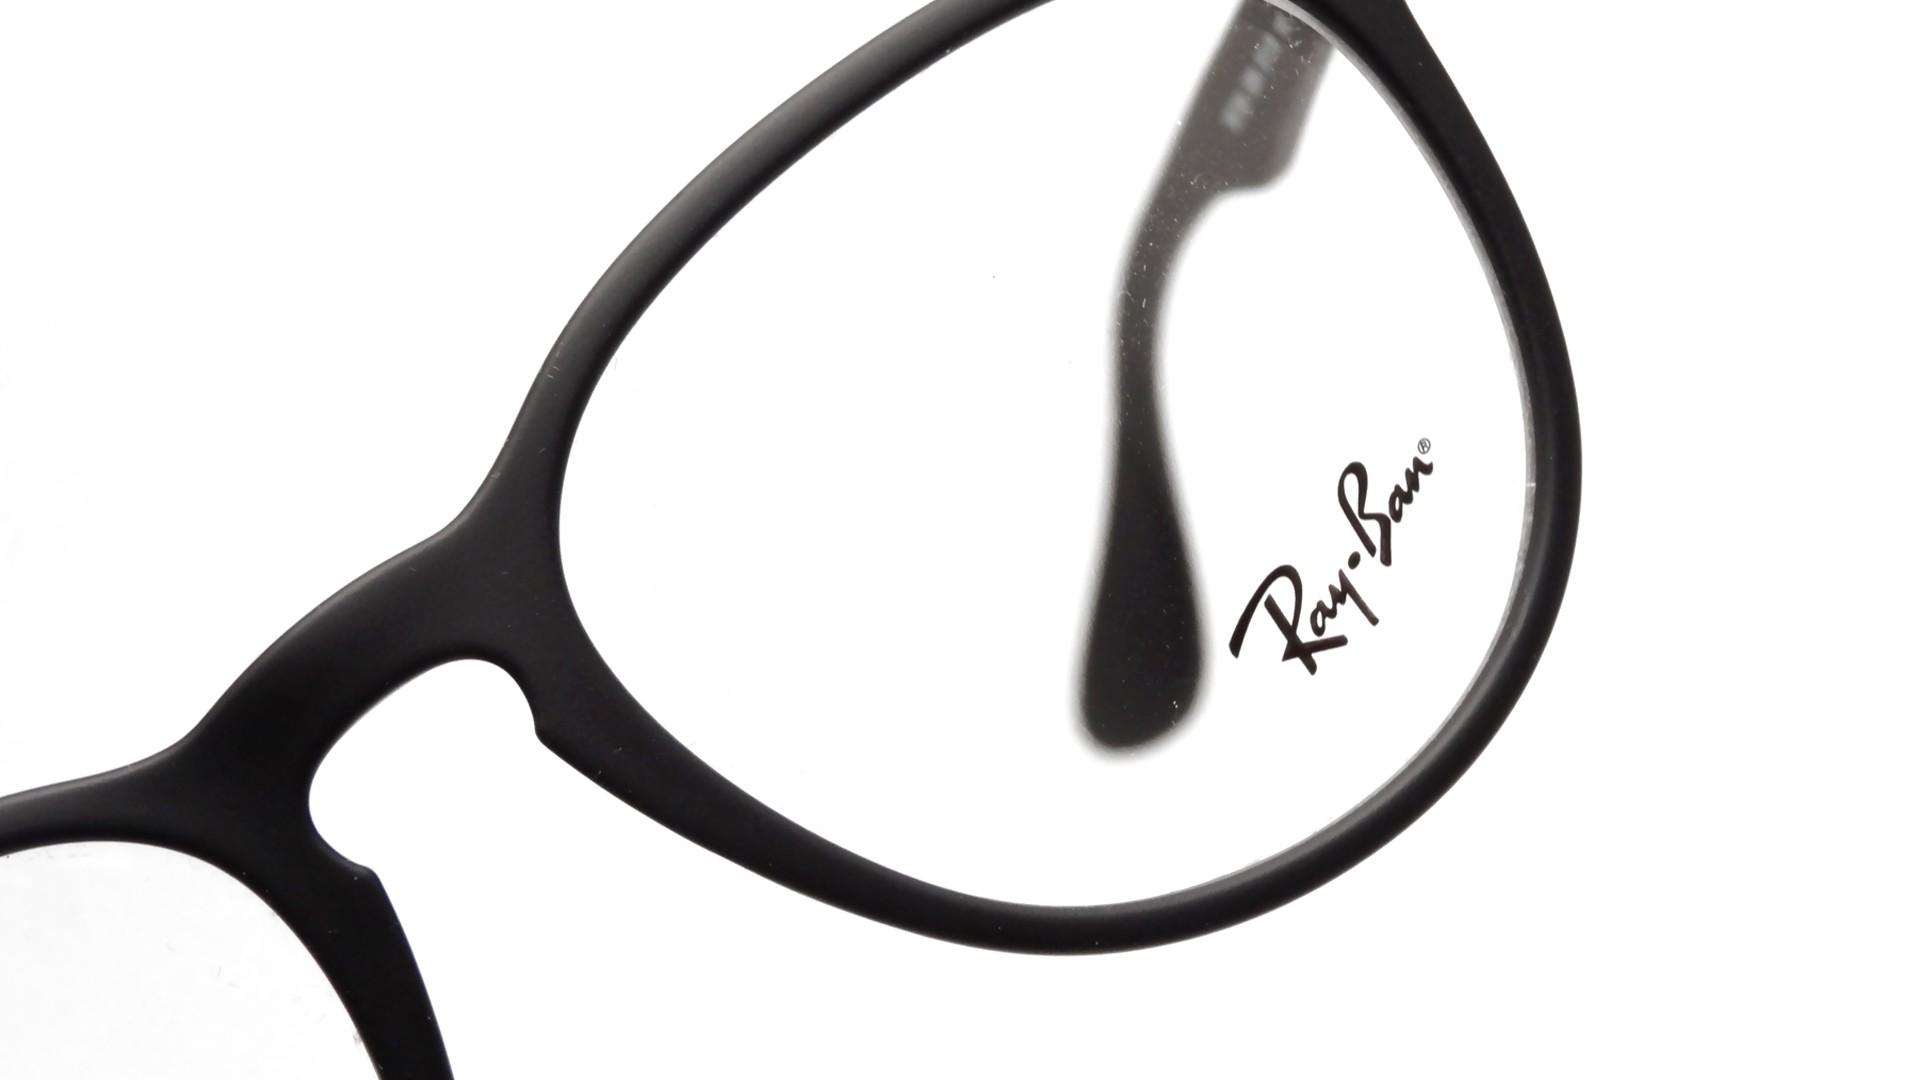 8a5d83a3a41c23 Lunettes de vue Ray-Ban Erika Optics Noir RX7046 RB7046 5364 51-18 Medium